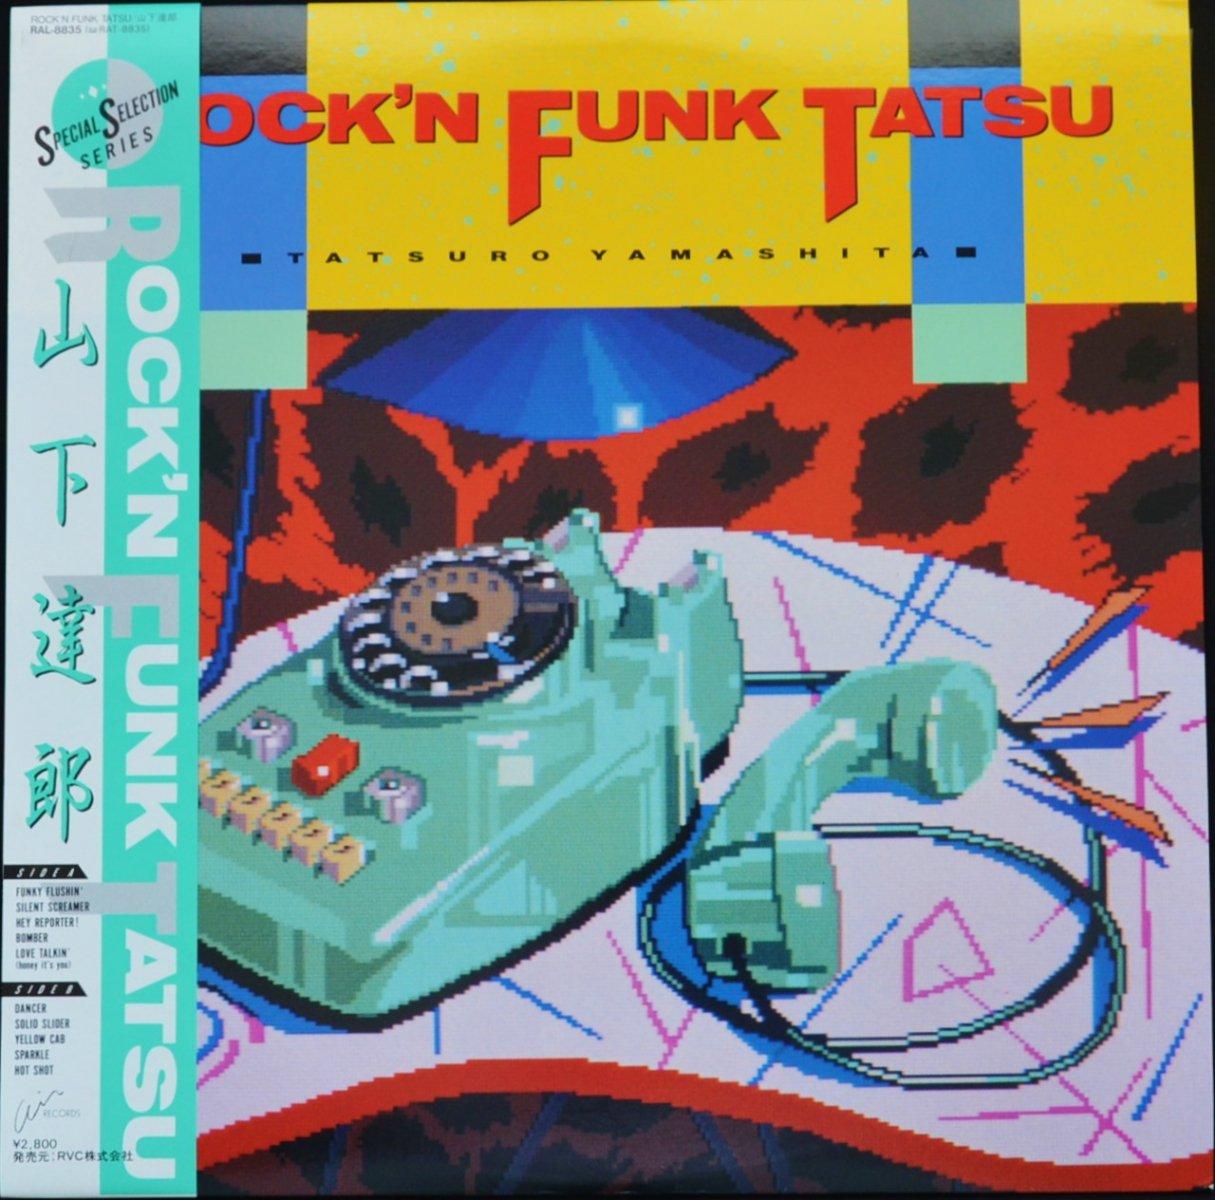 山下達郎 TATSURO YAMASHITA / ROCK'N FUNK TATSU (LP)